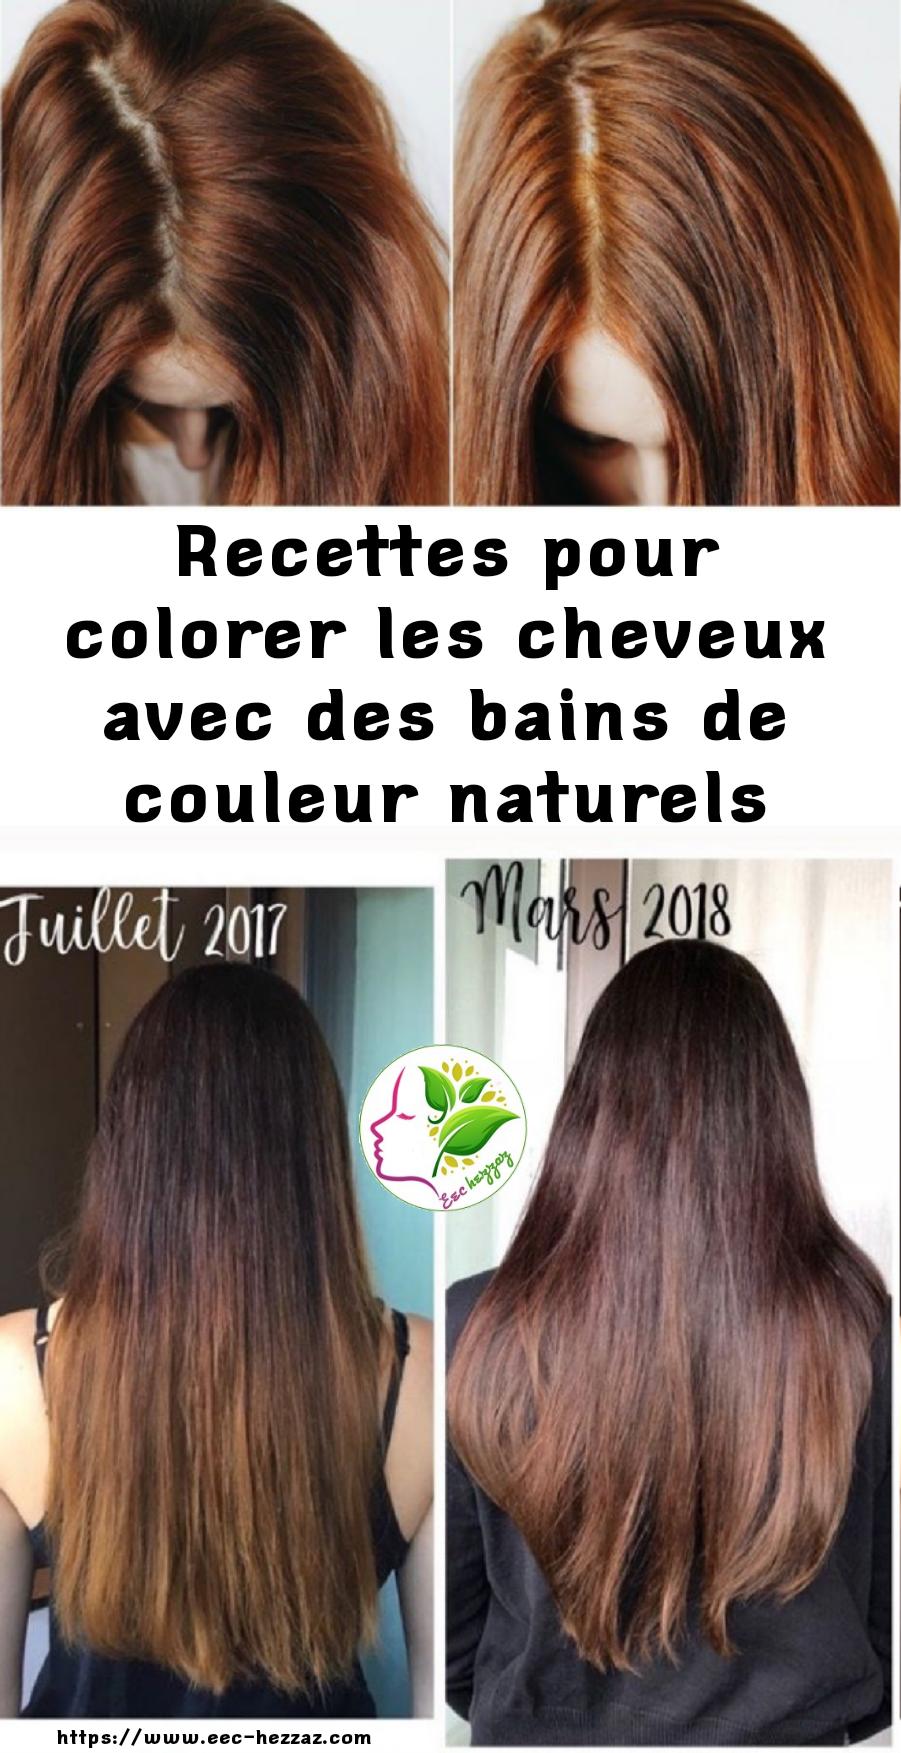 Recettes pour colorer les cheveux avec des bains de couleur naturels